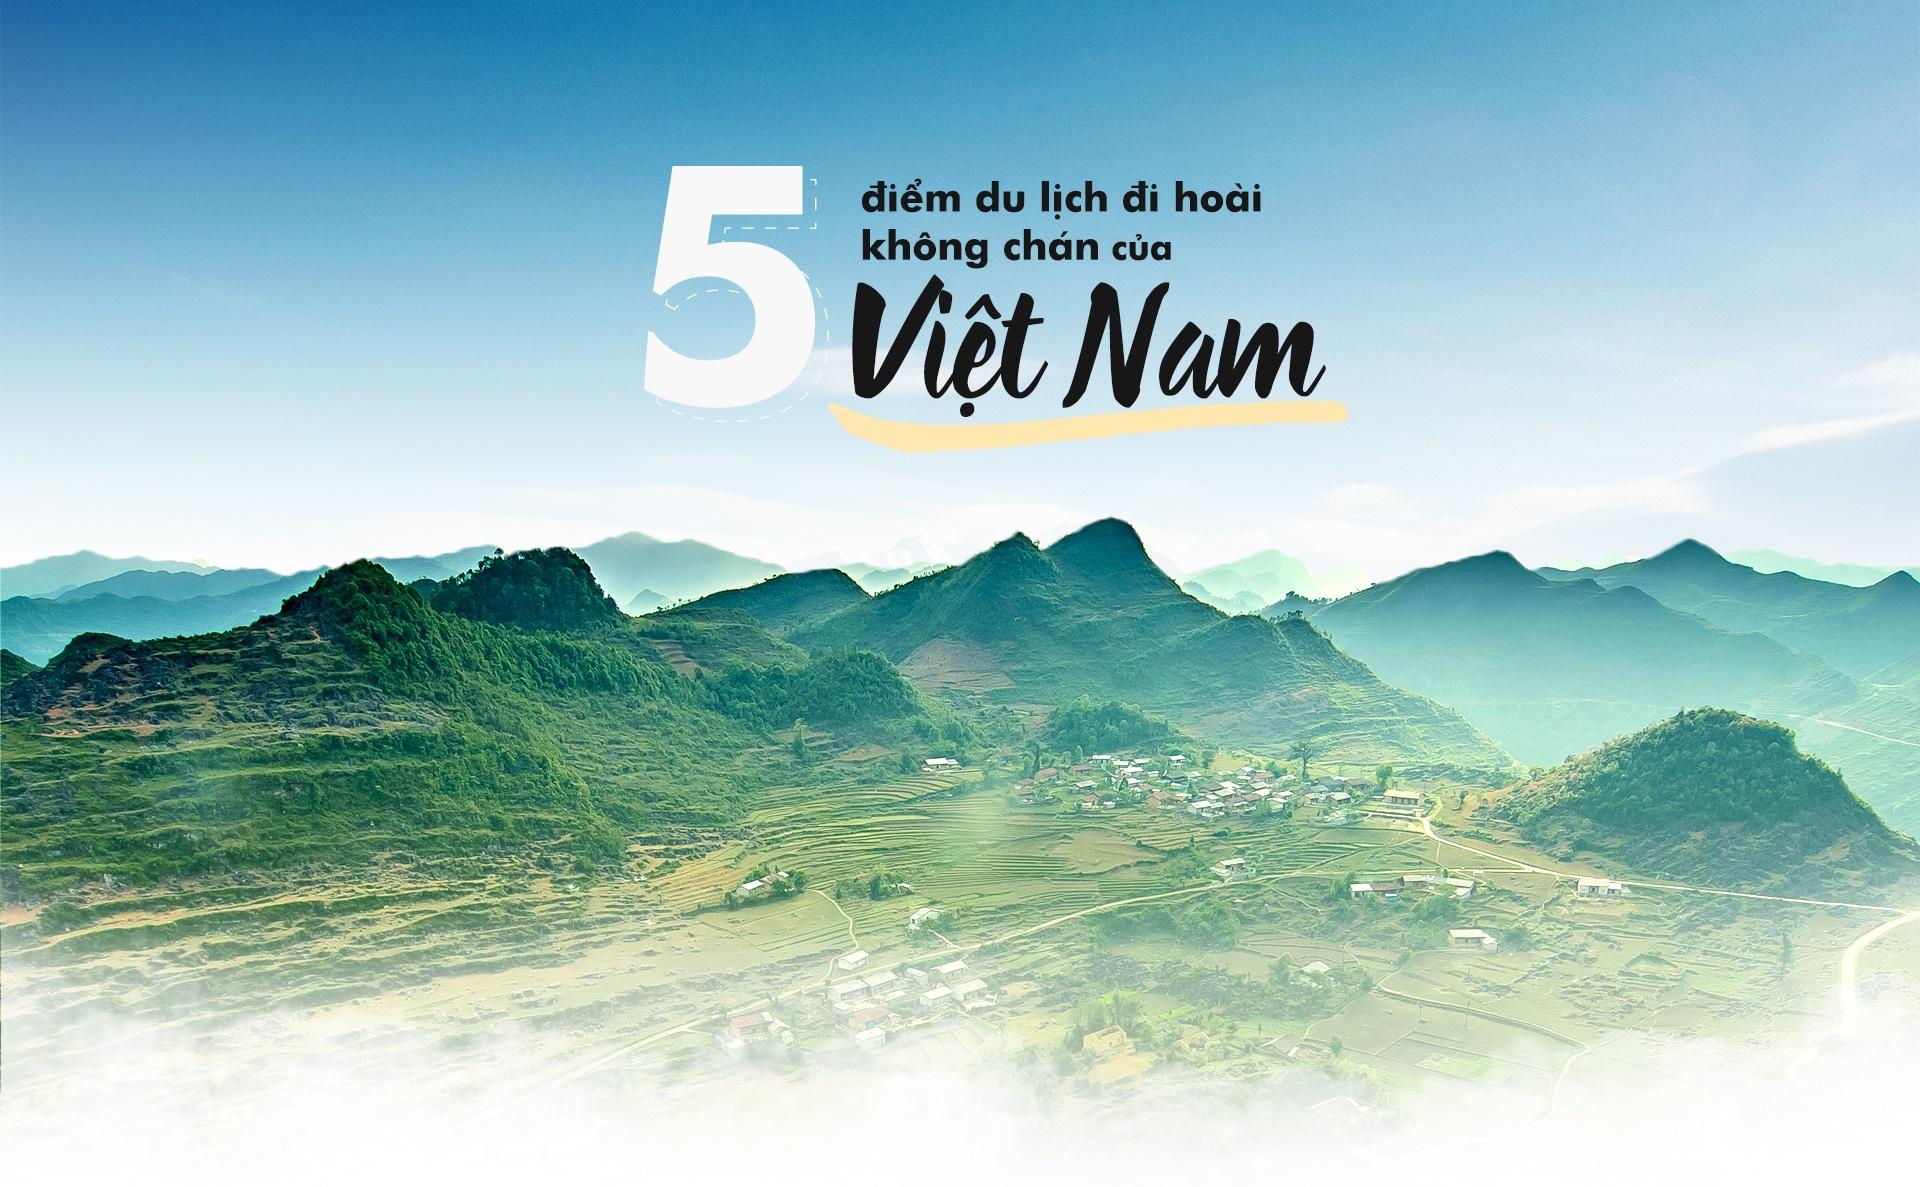 5 diem du lich di hoai khong chan cua Viet Nam anh 1